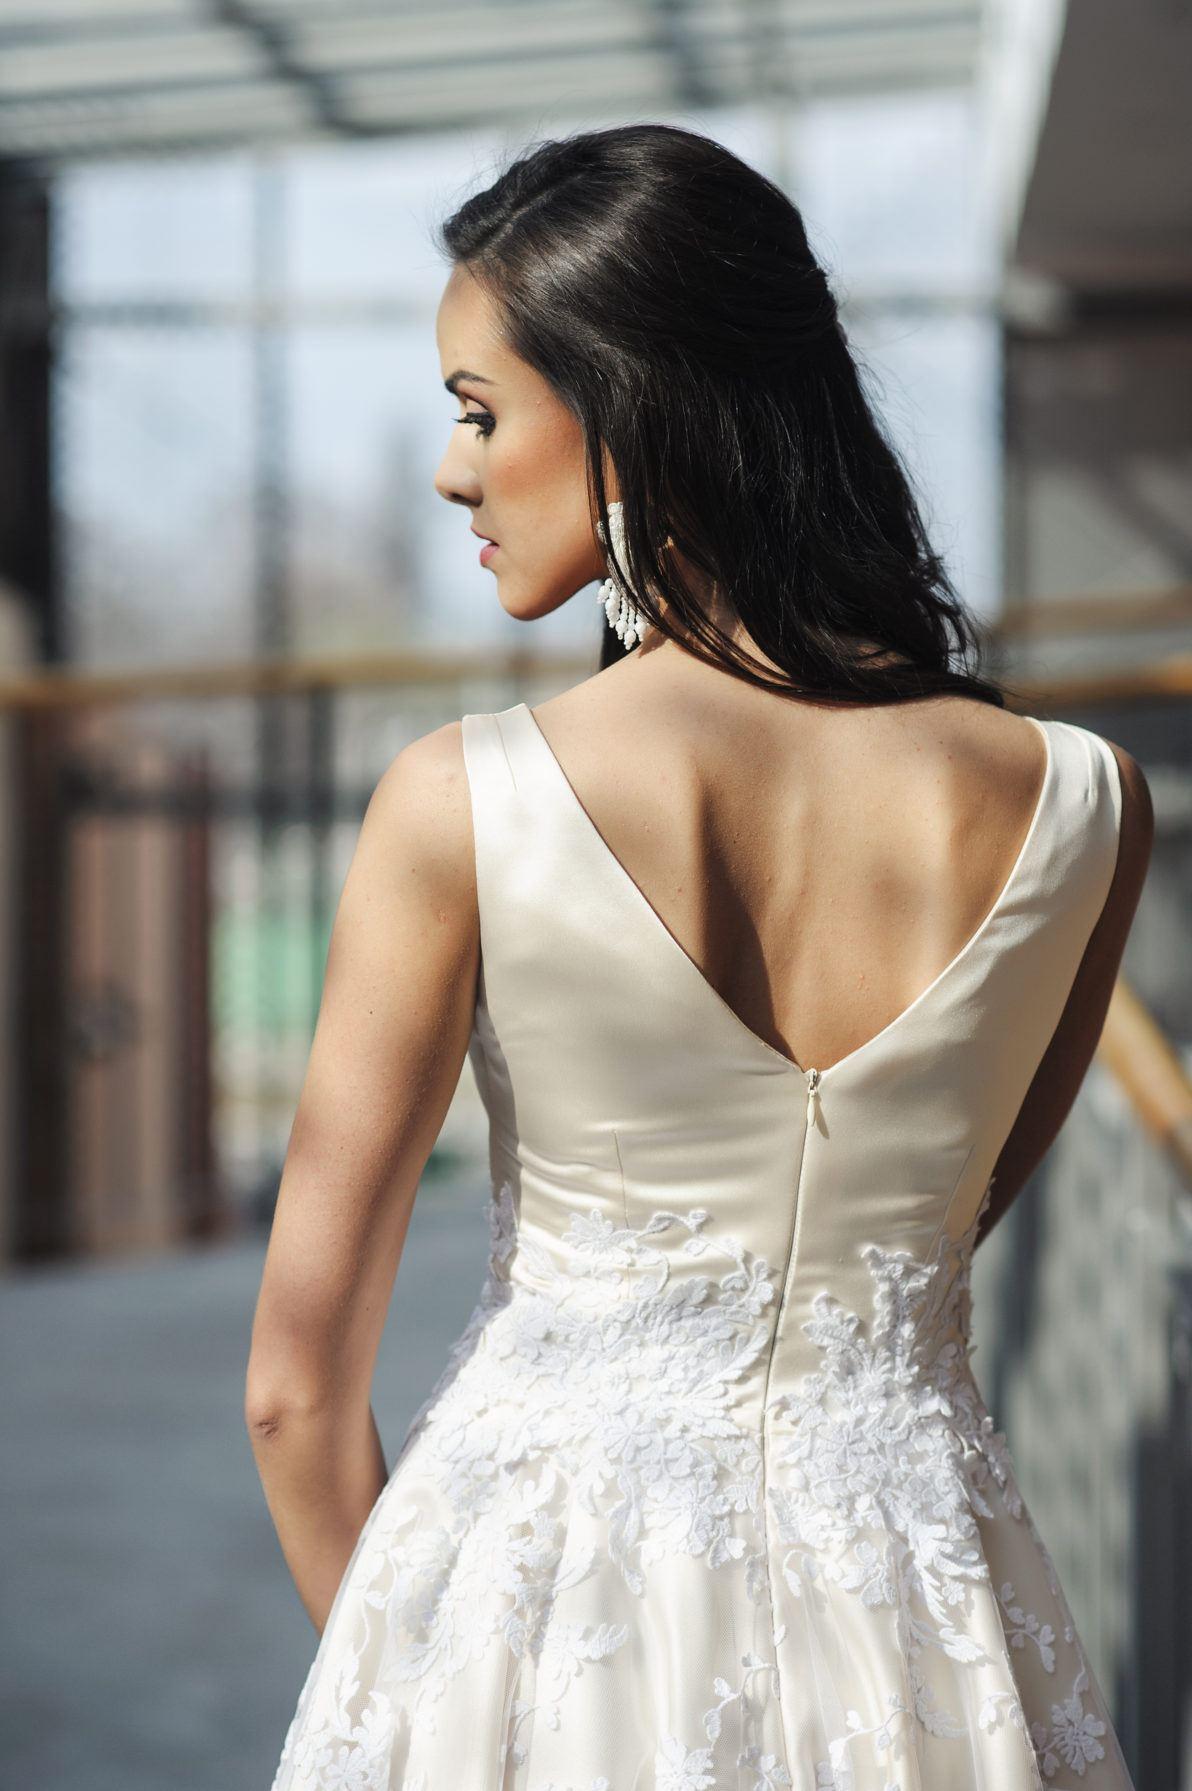 suknia kremowa z białą koronką na ślub cywilny